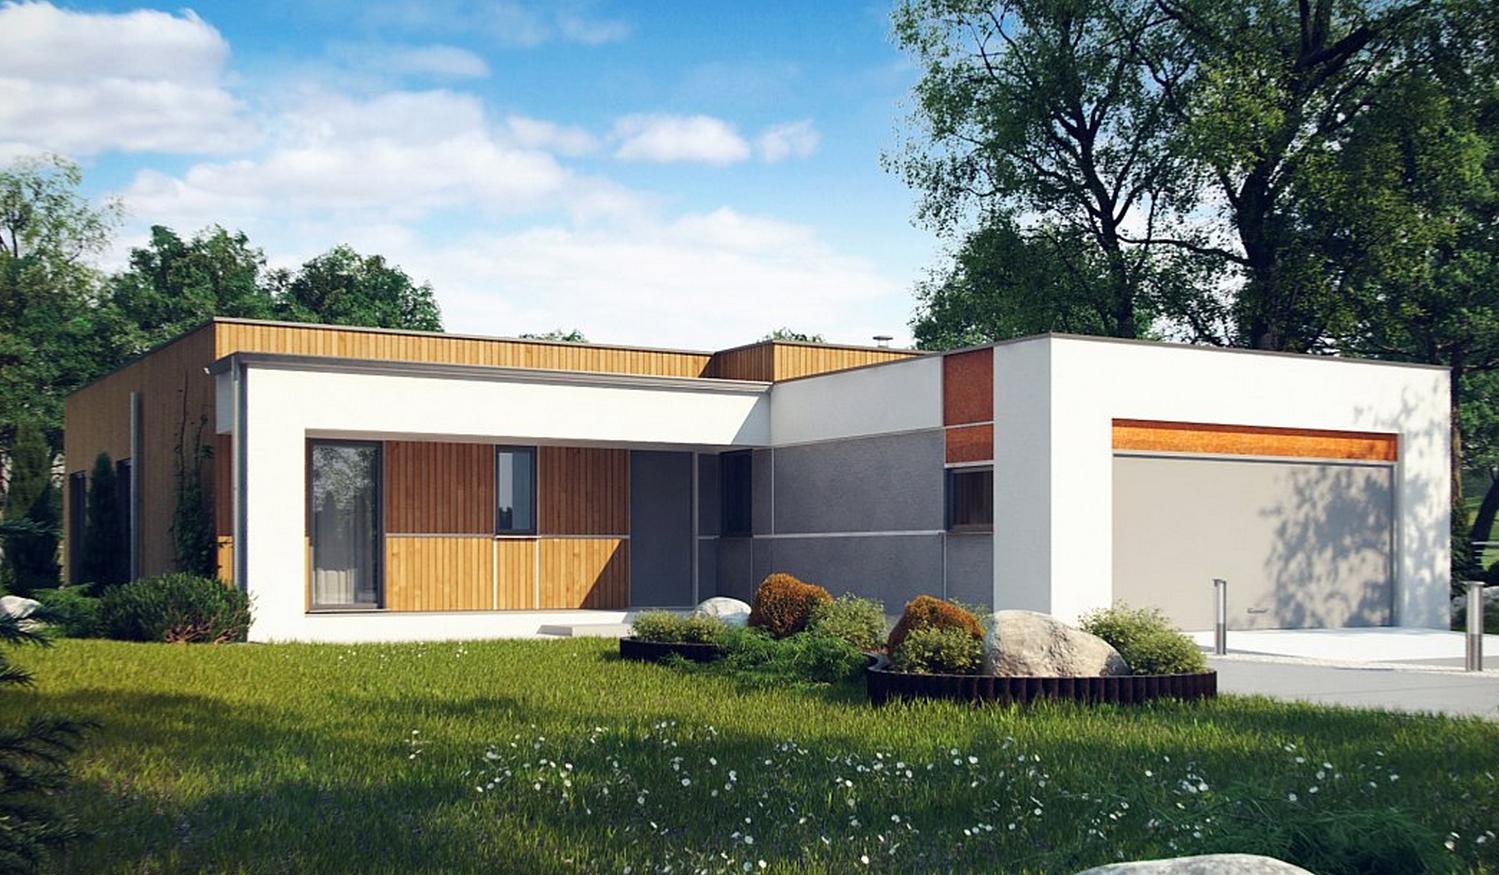 Fabricant de maisonsà ossature bois et constructions modulaires # Fabricant Ossature Bois